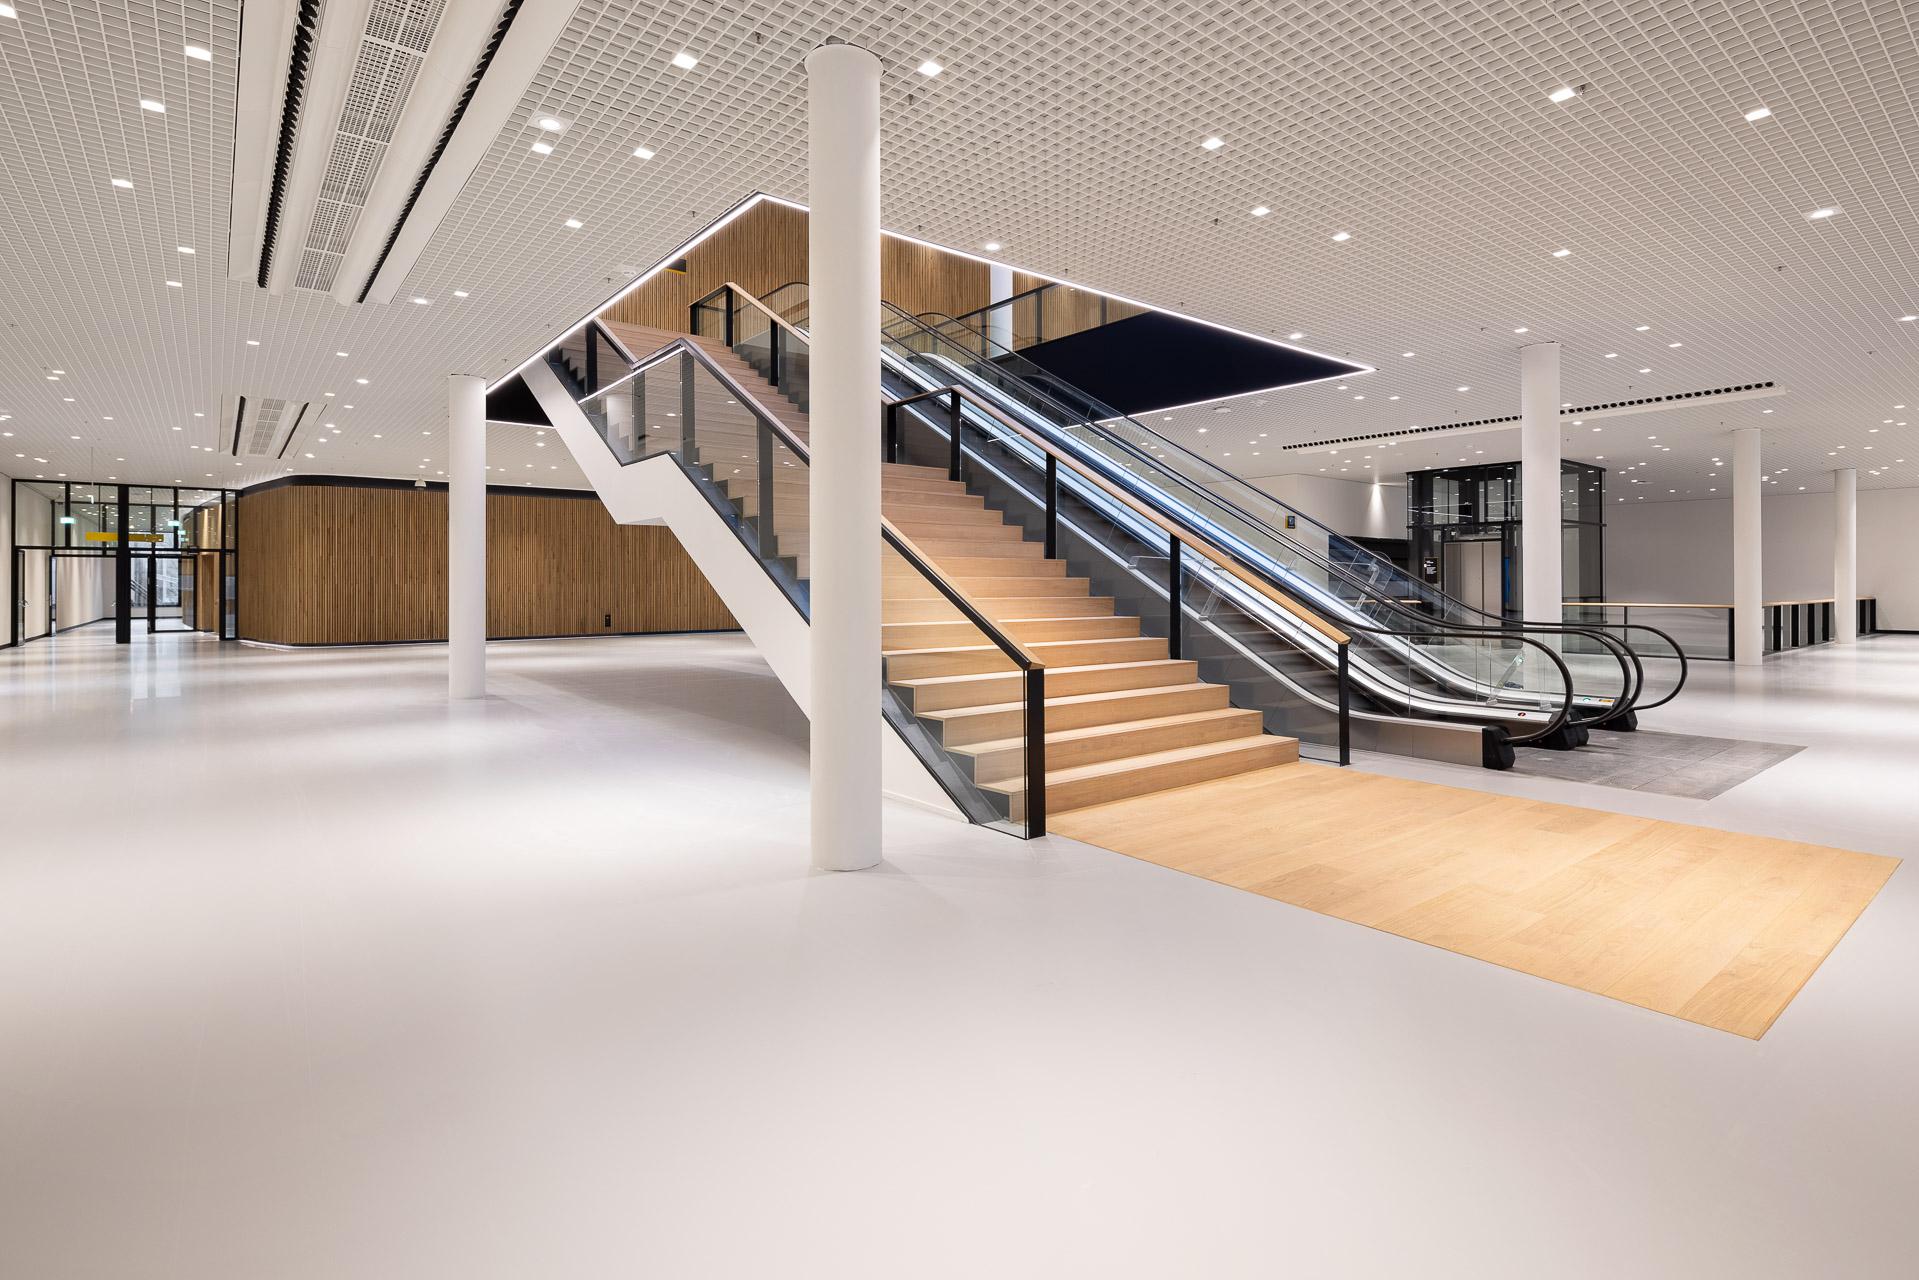 SP2020-Rotterdam-Ahoy-Convention-Centre-Interieur-4-Architectuur-fotografie